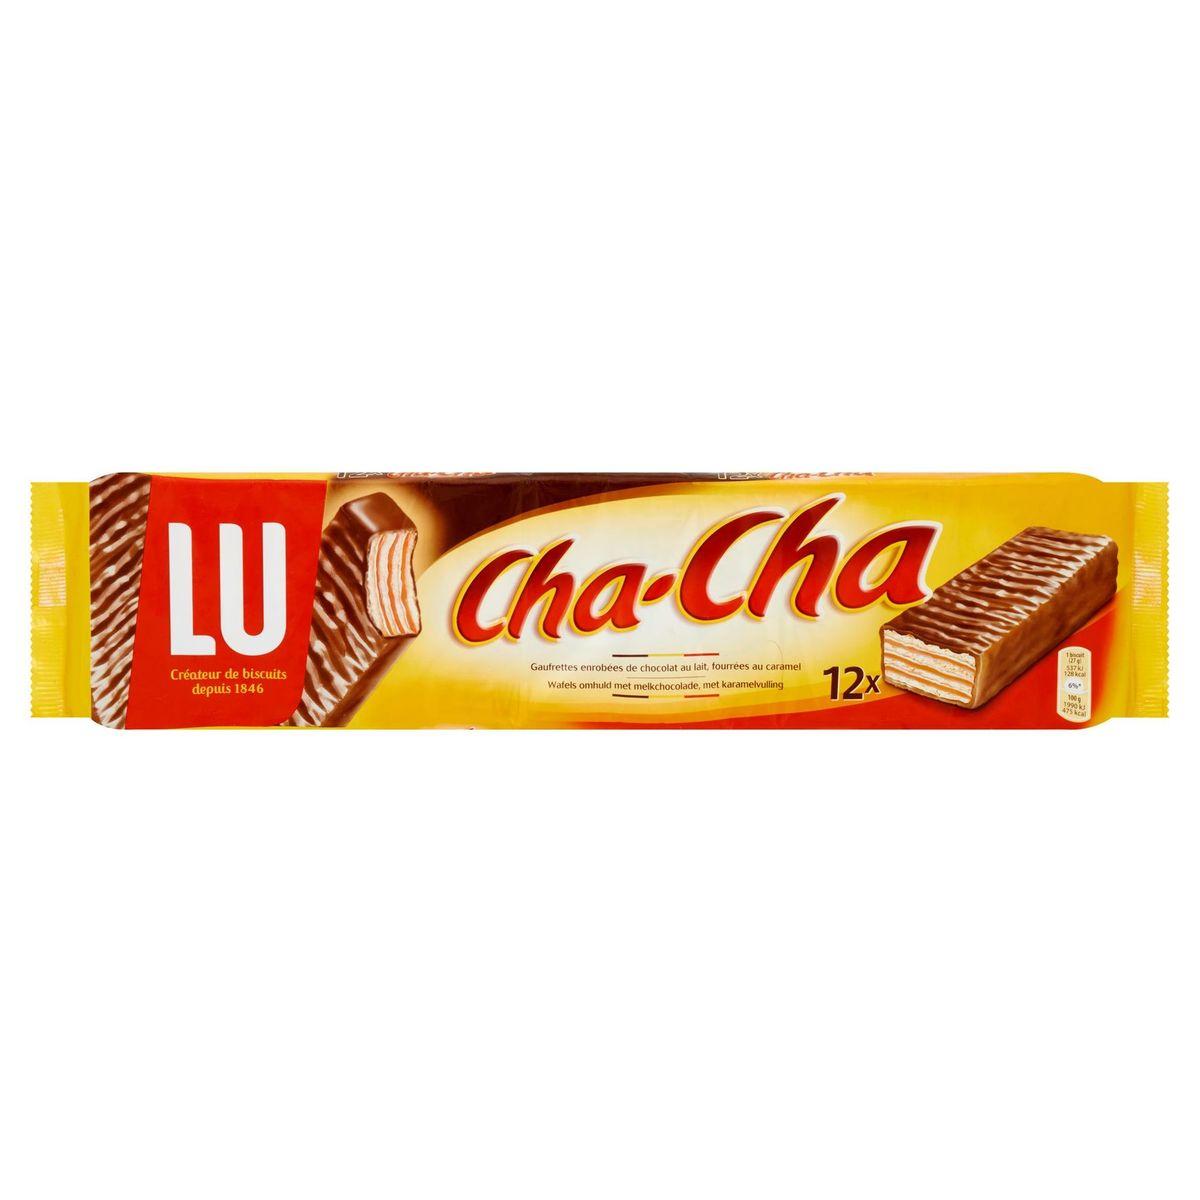 LU Cha-Cha Gaufrettes Enrobées de Chocolat au Lait Fourrées au Caramel 12 x 27 g